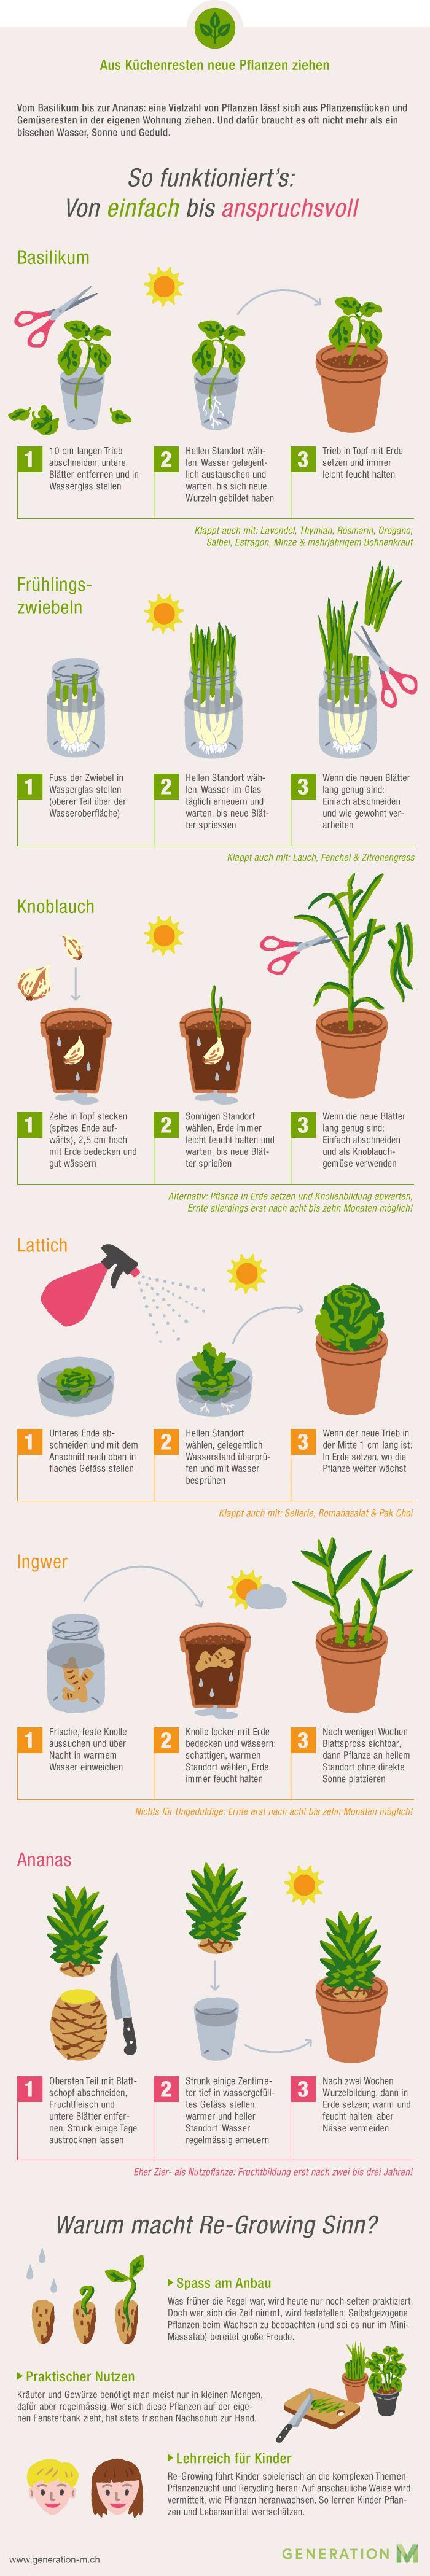 Die Infografik zeigt Ihnen wie Sie aus Küchenresten neues Gemüse ziehen